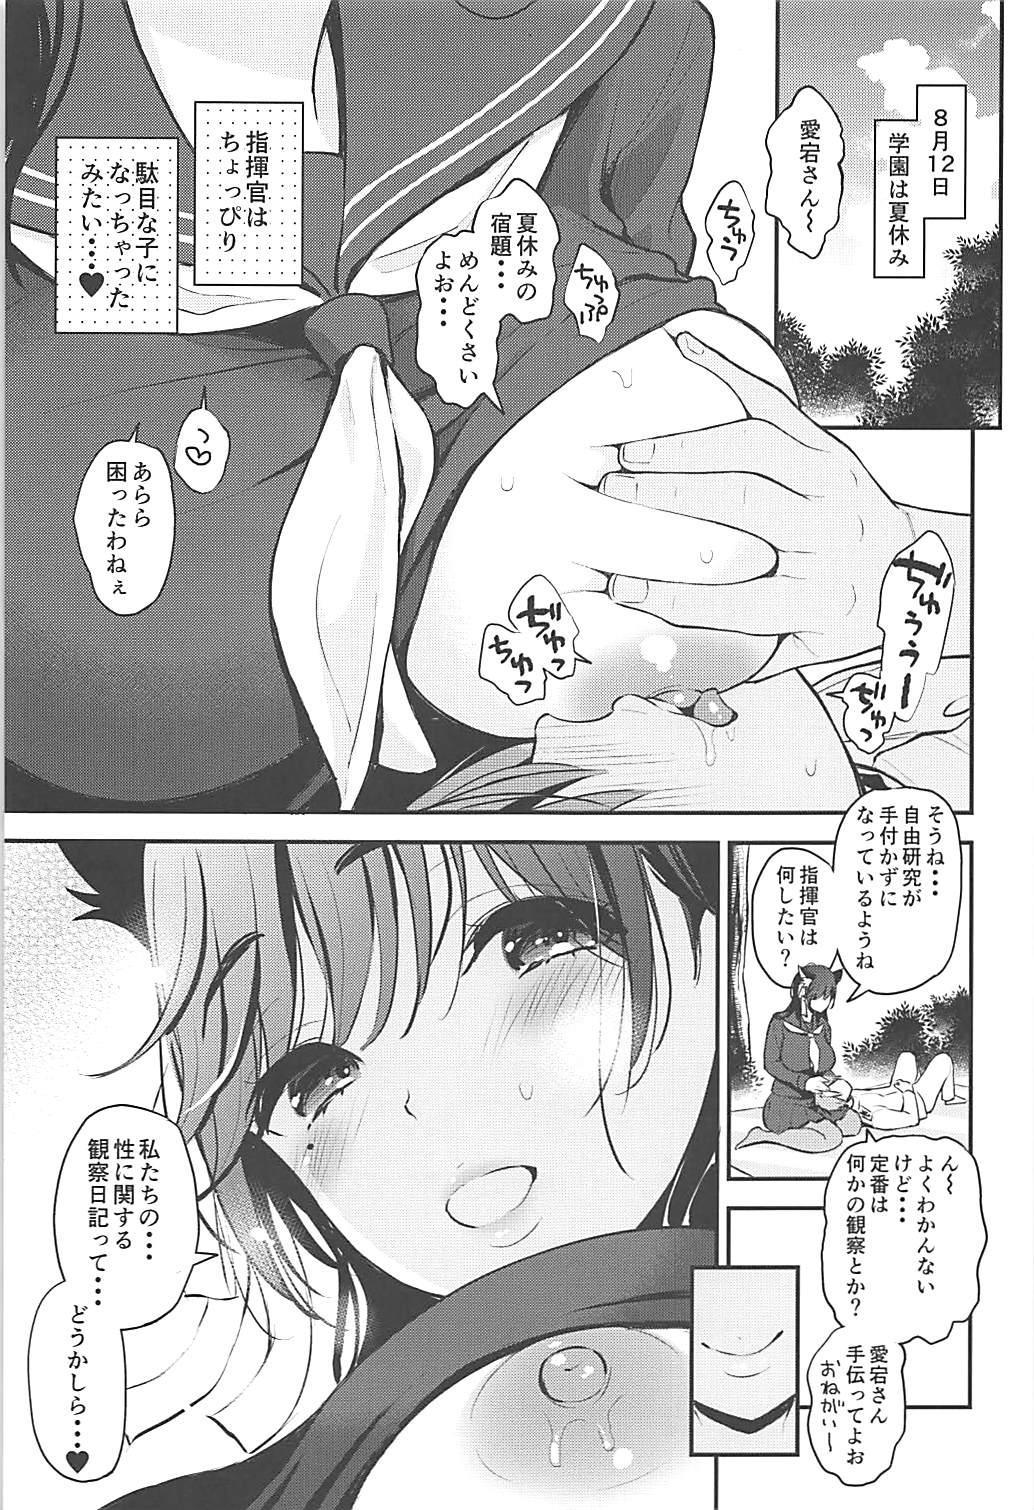 Boku to Atago Onee-san no Natsuyasumi Sei Kansatsu Nikki 3